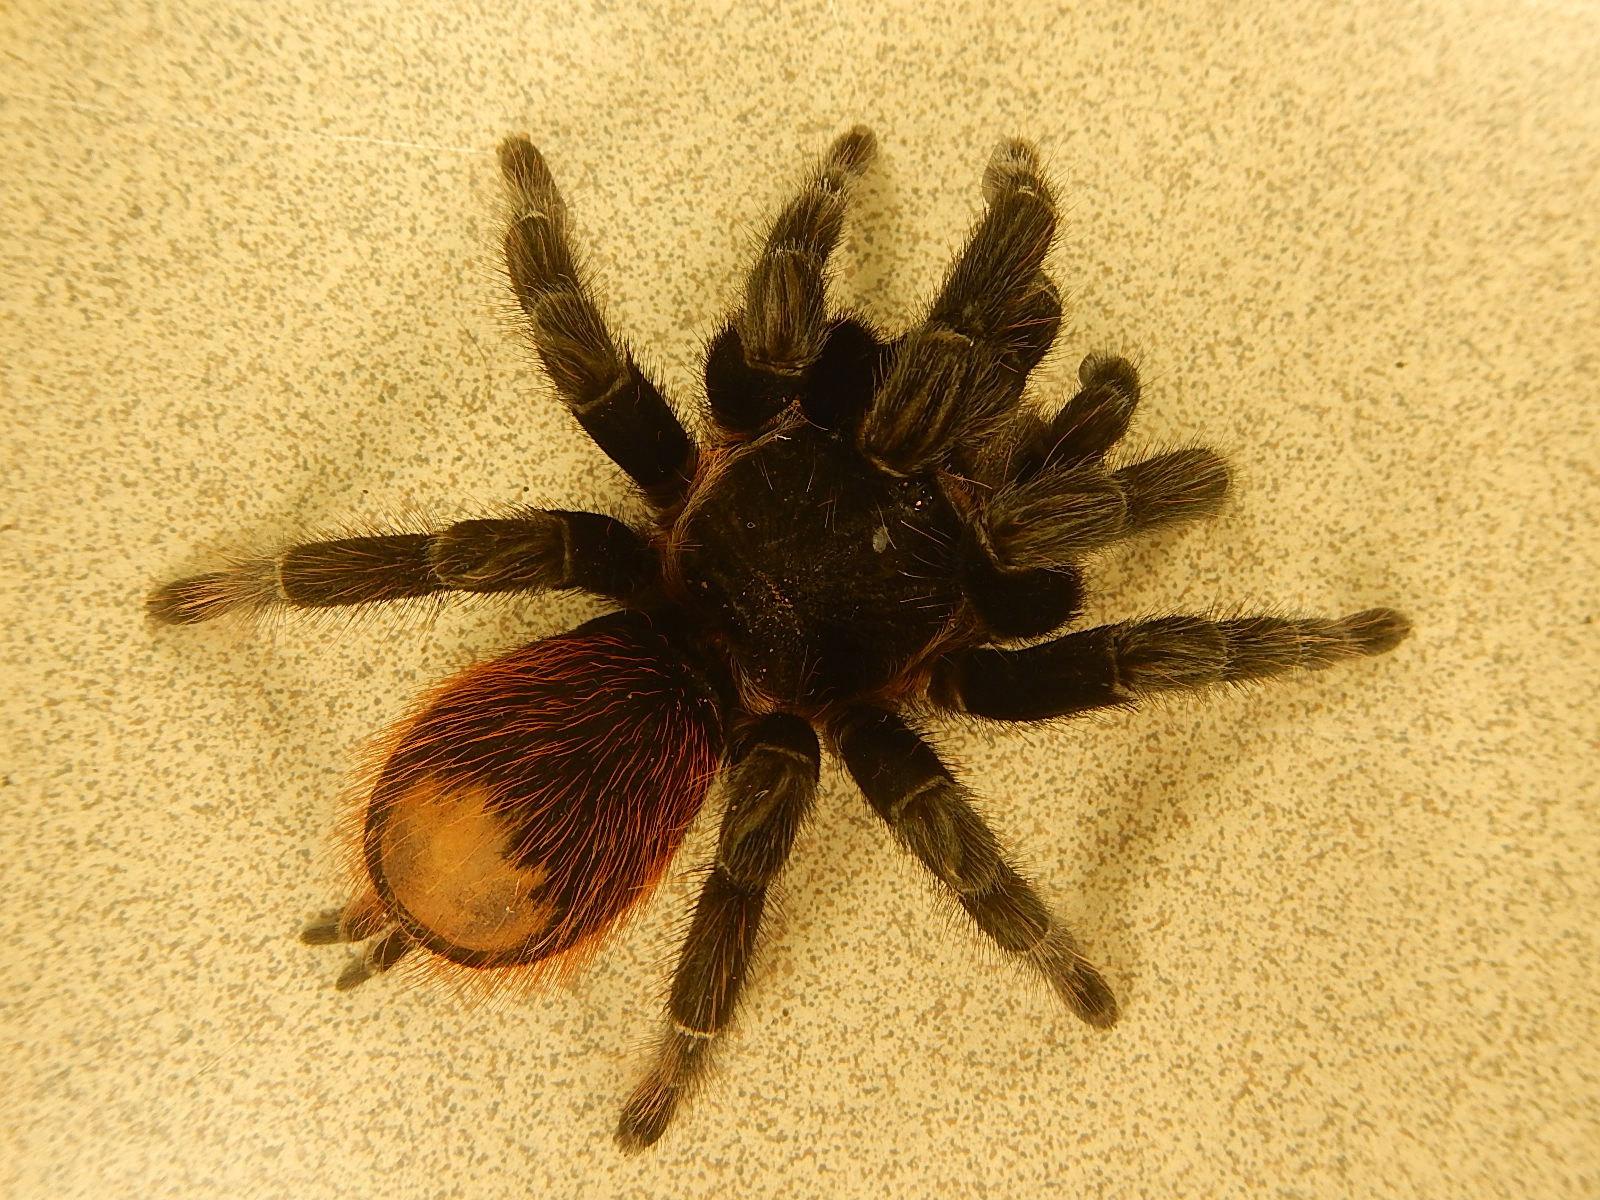 Пауки в домашних условиях: кормление, уход, размножение. Как 41